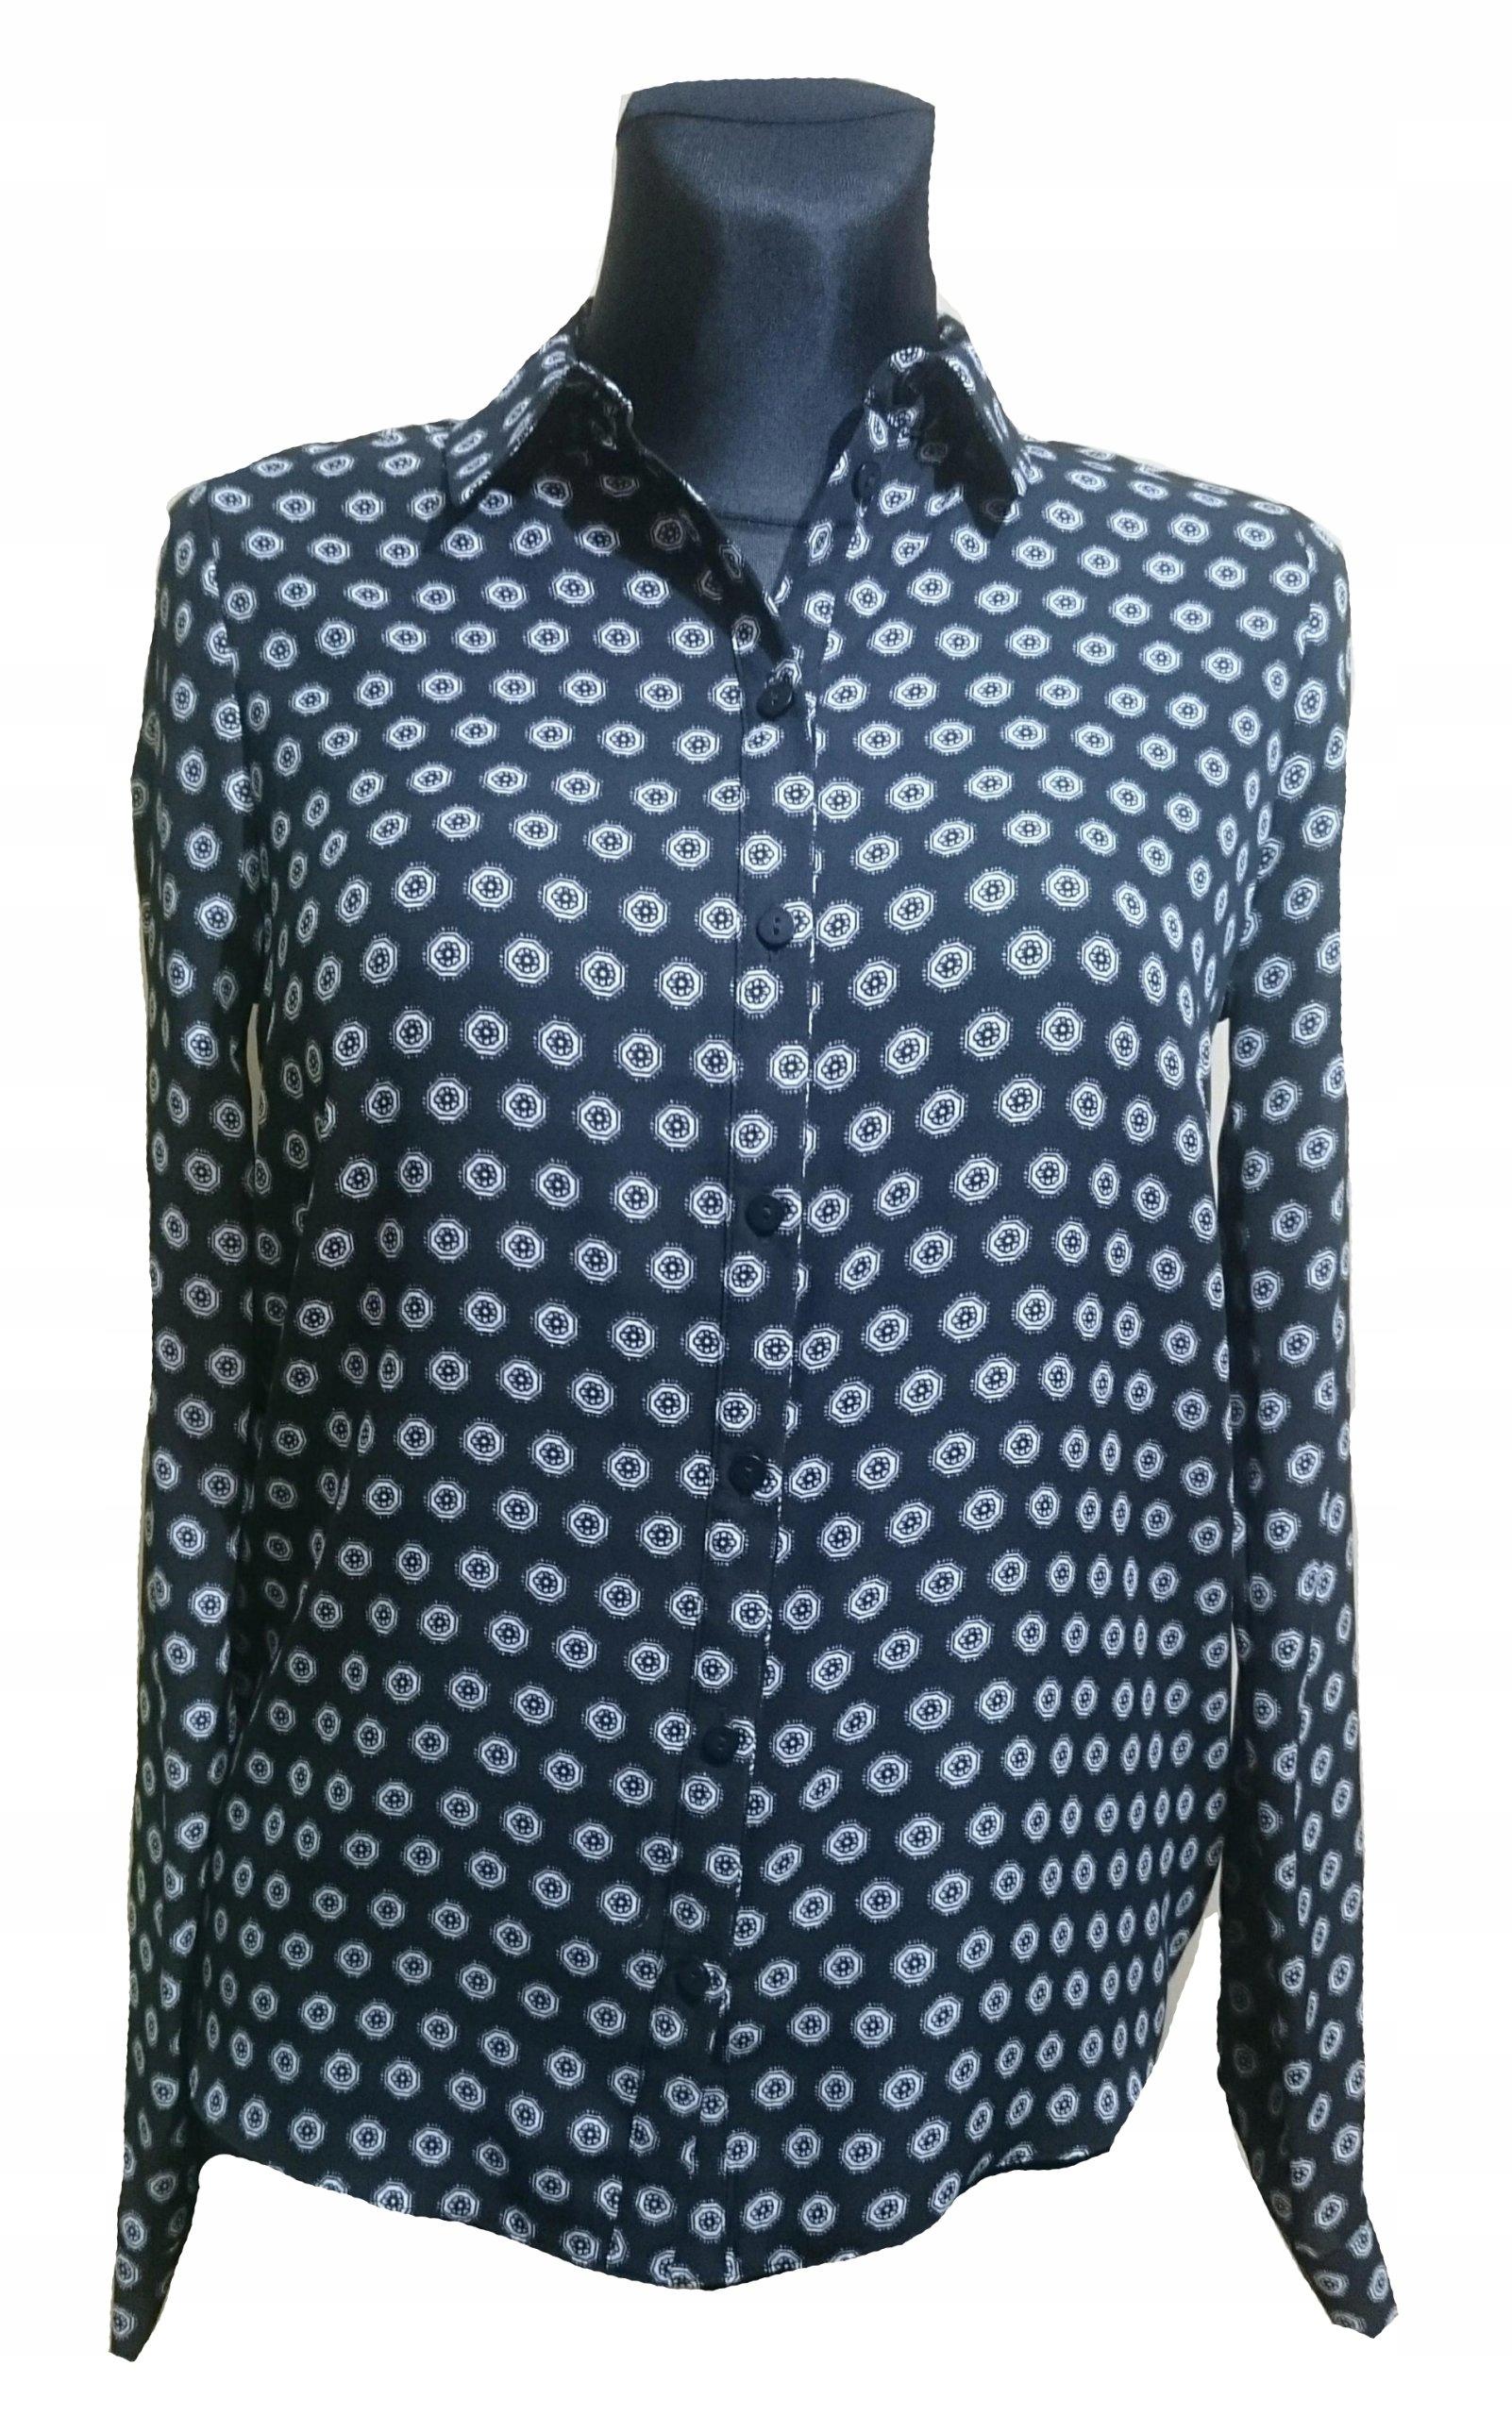 5d38cd698c Bluzka koszulowa Primark rozmiar 34 XS NOWA OUTLET - 7401692218 ...